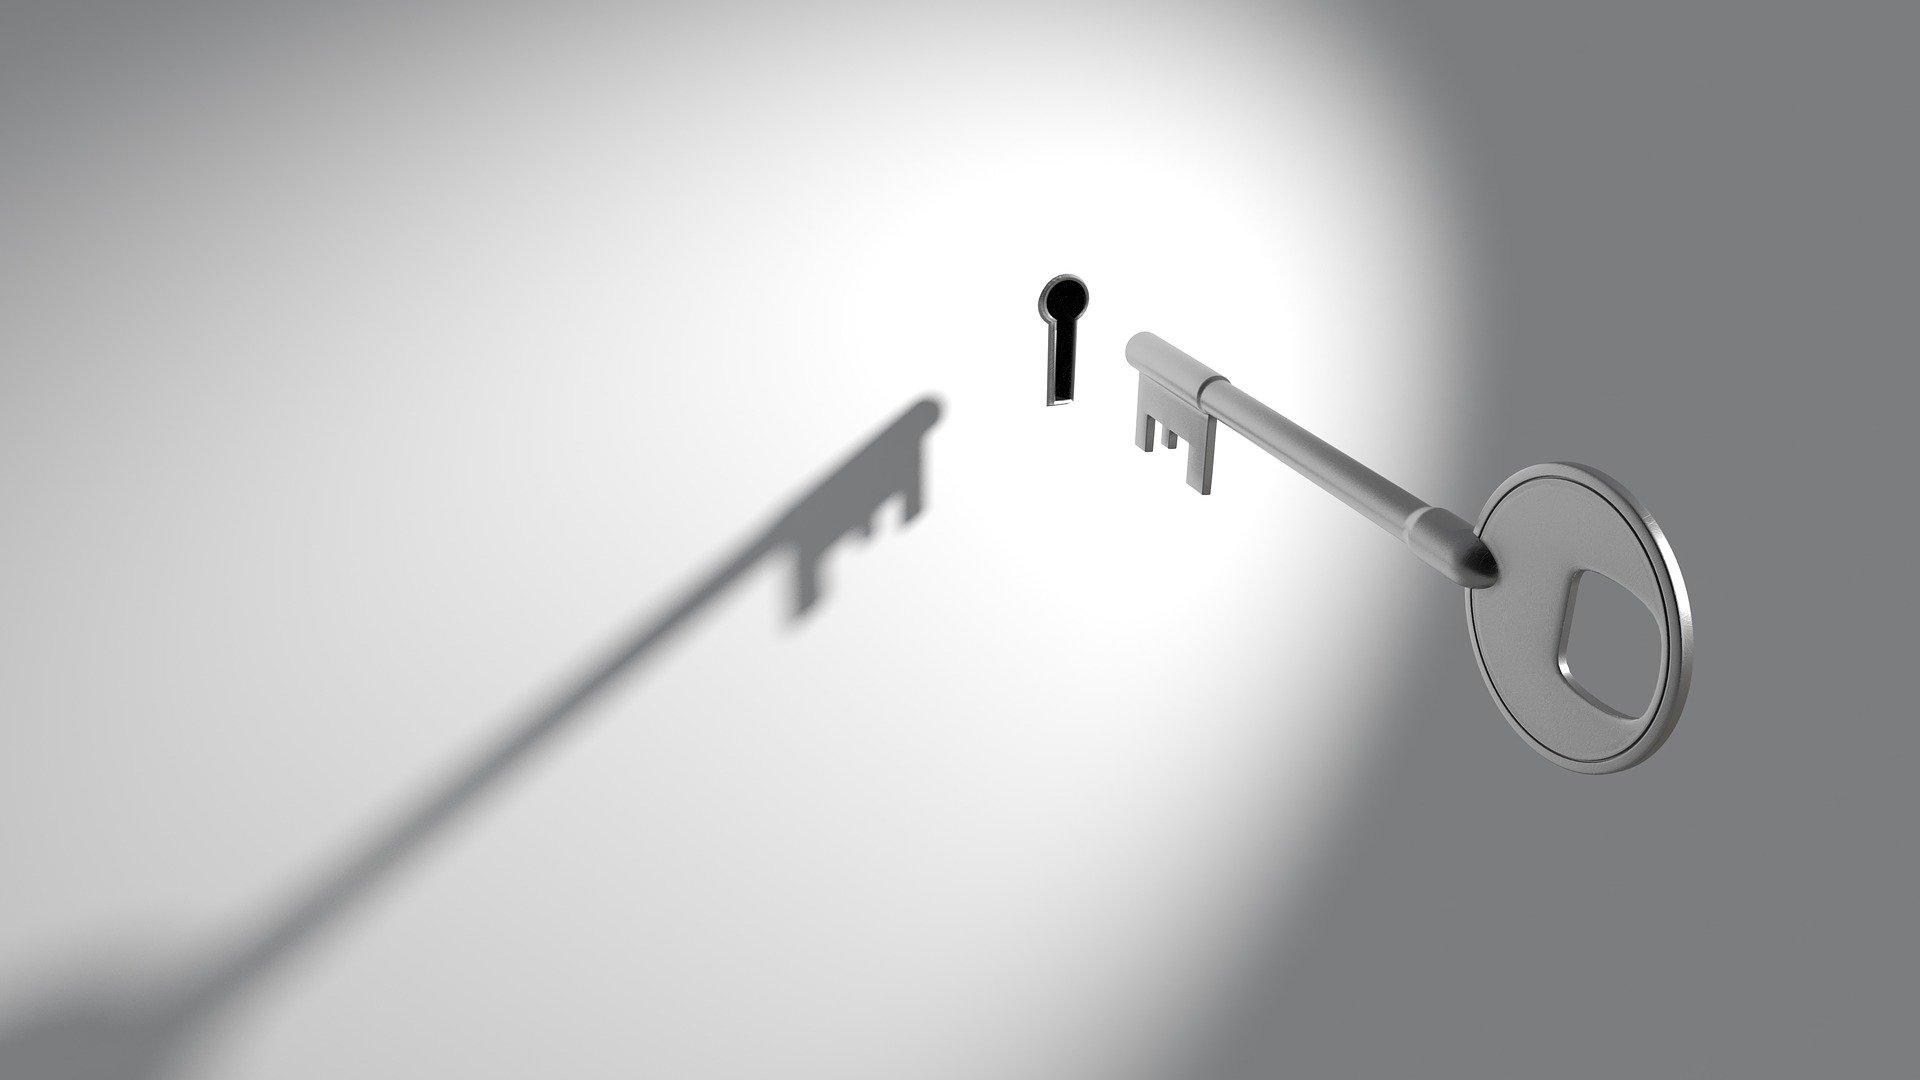 Hacia Una Trasformación Digital ética Y Responsable Con Los Datos Personales